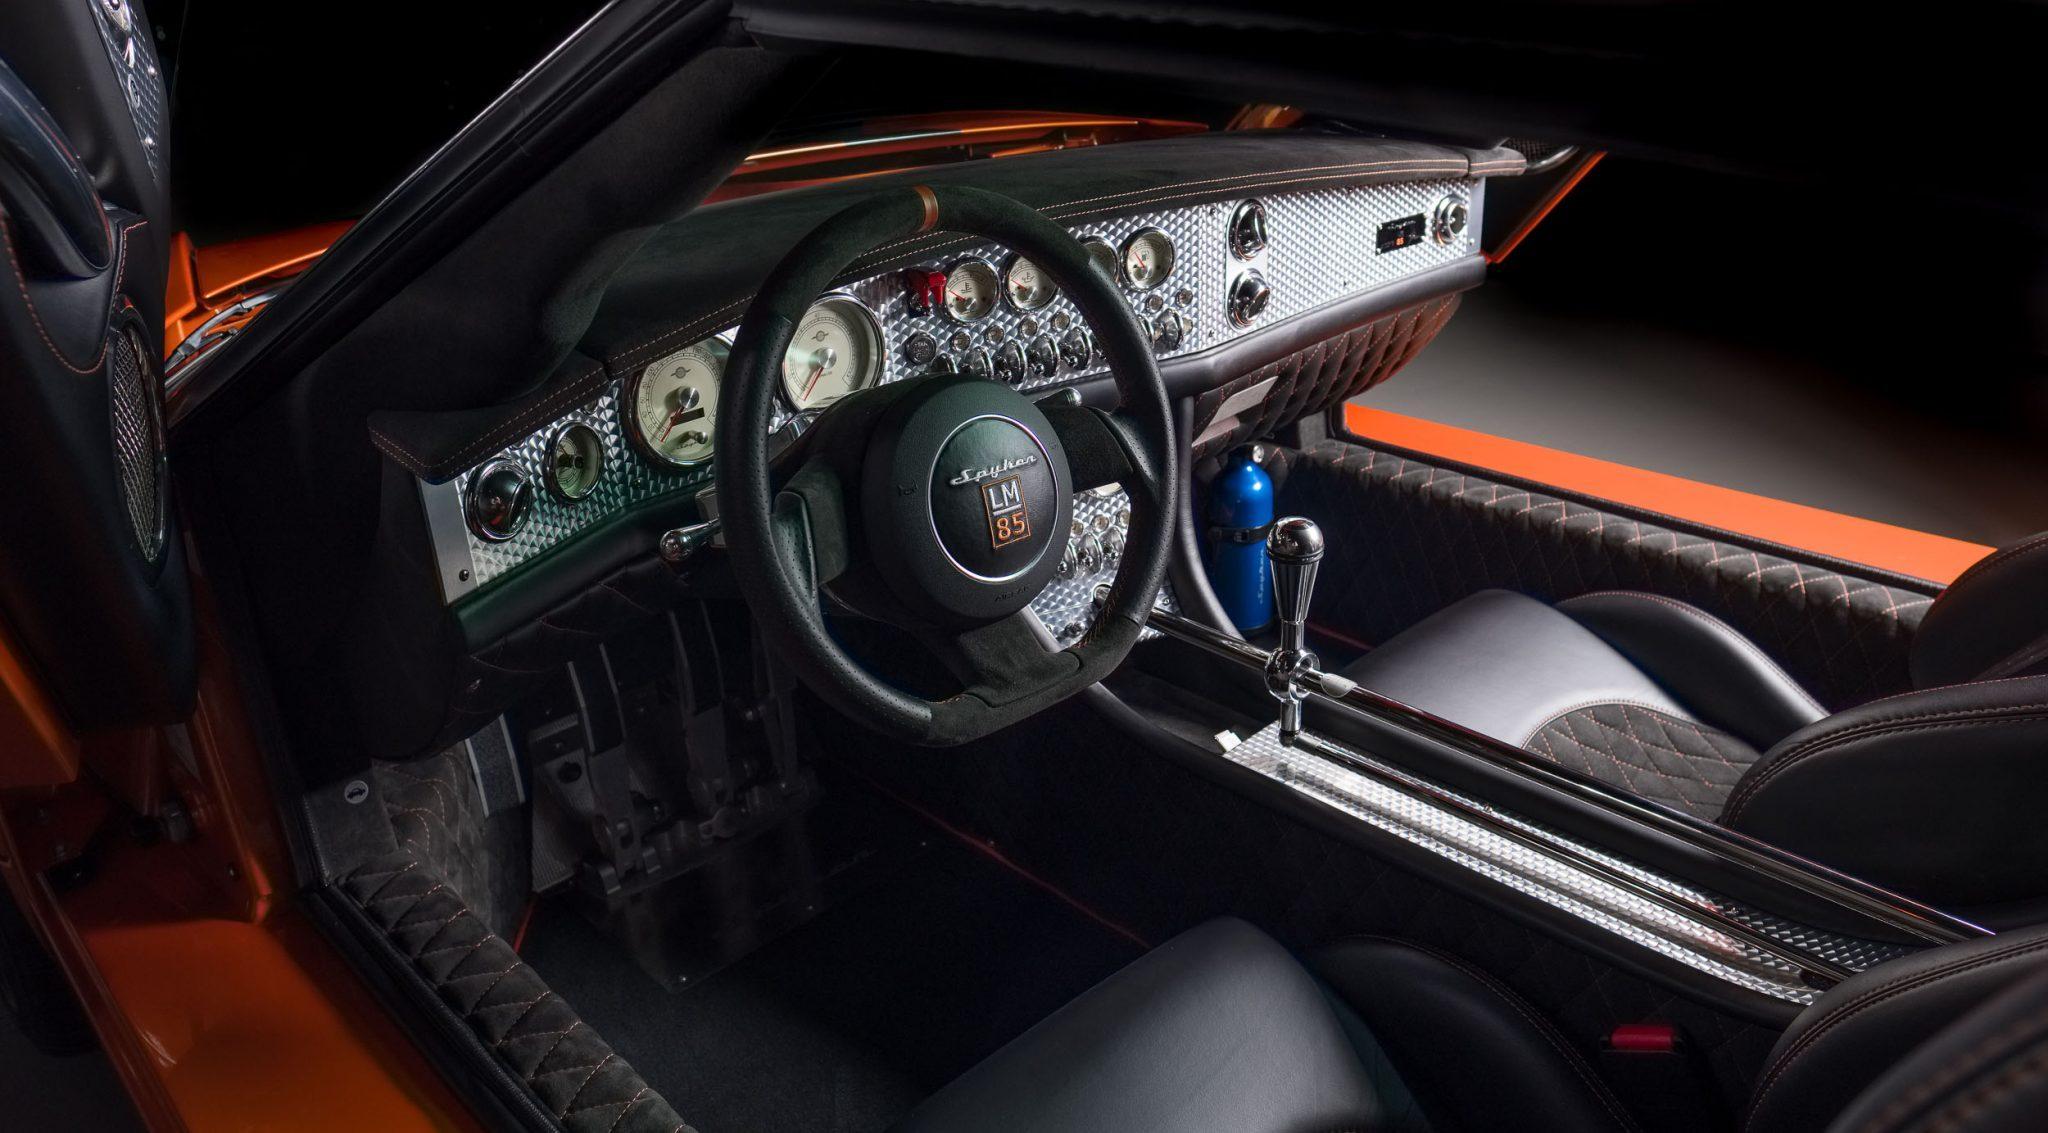 Spyker C8 Laviolette LM85, Hanya Satu Tersisa dan Siap Dilelang